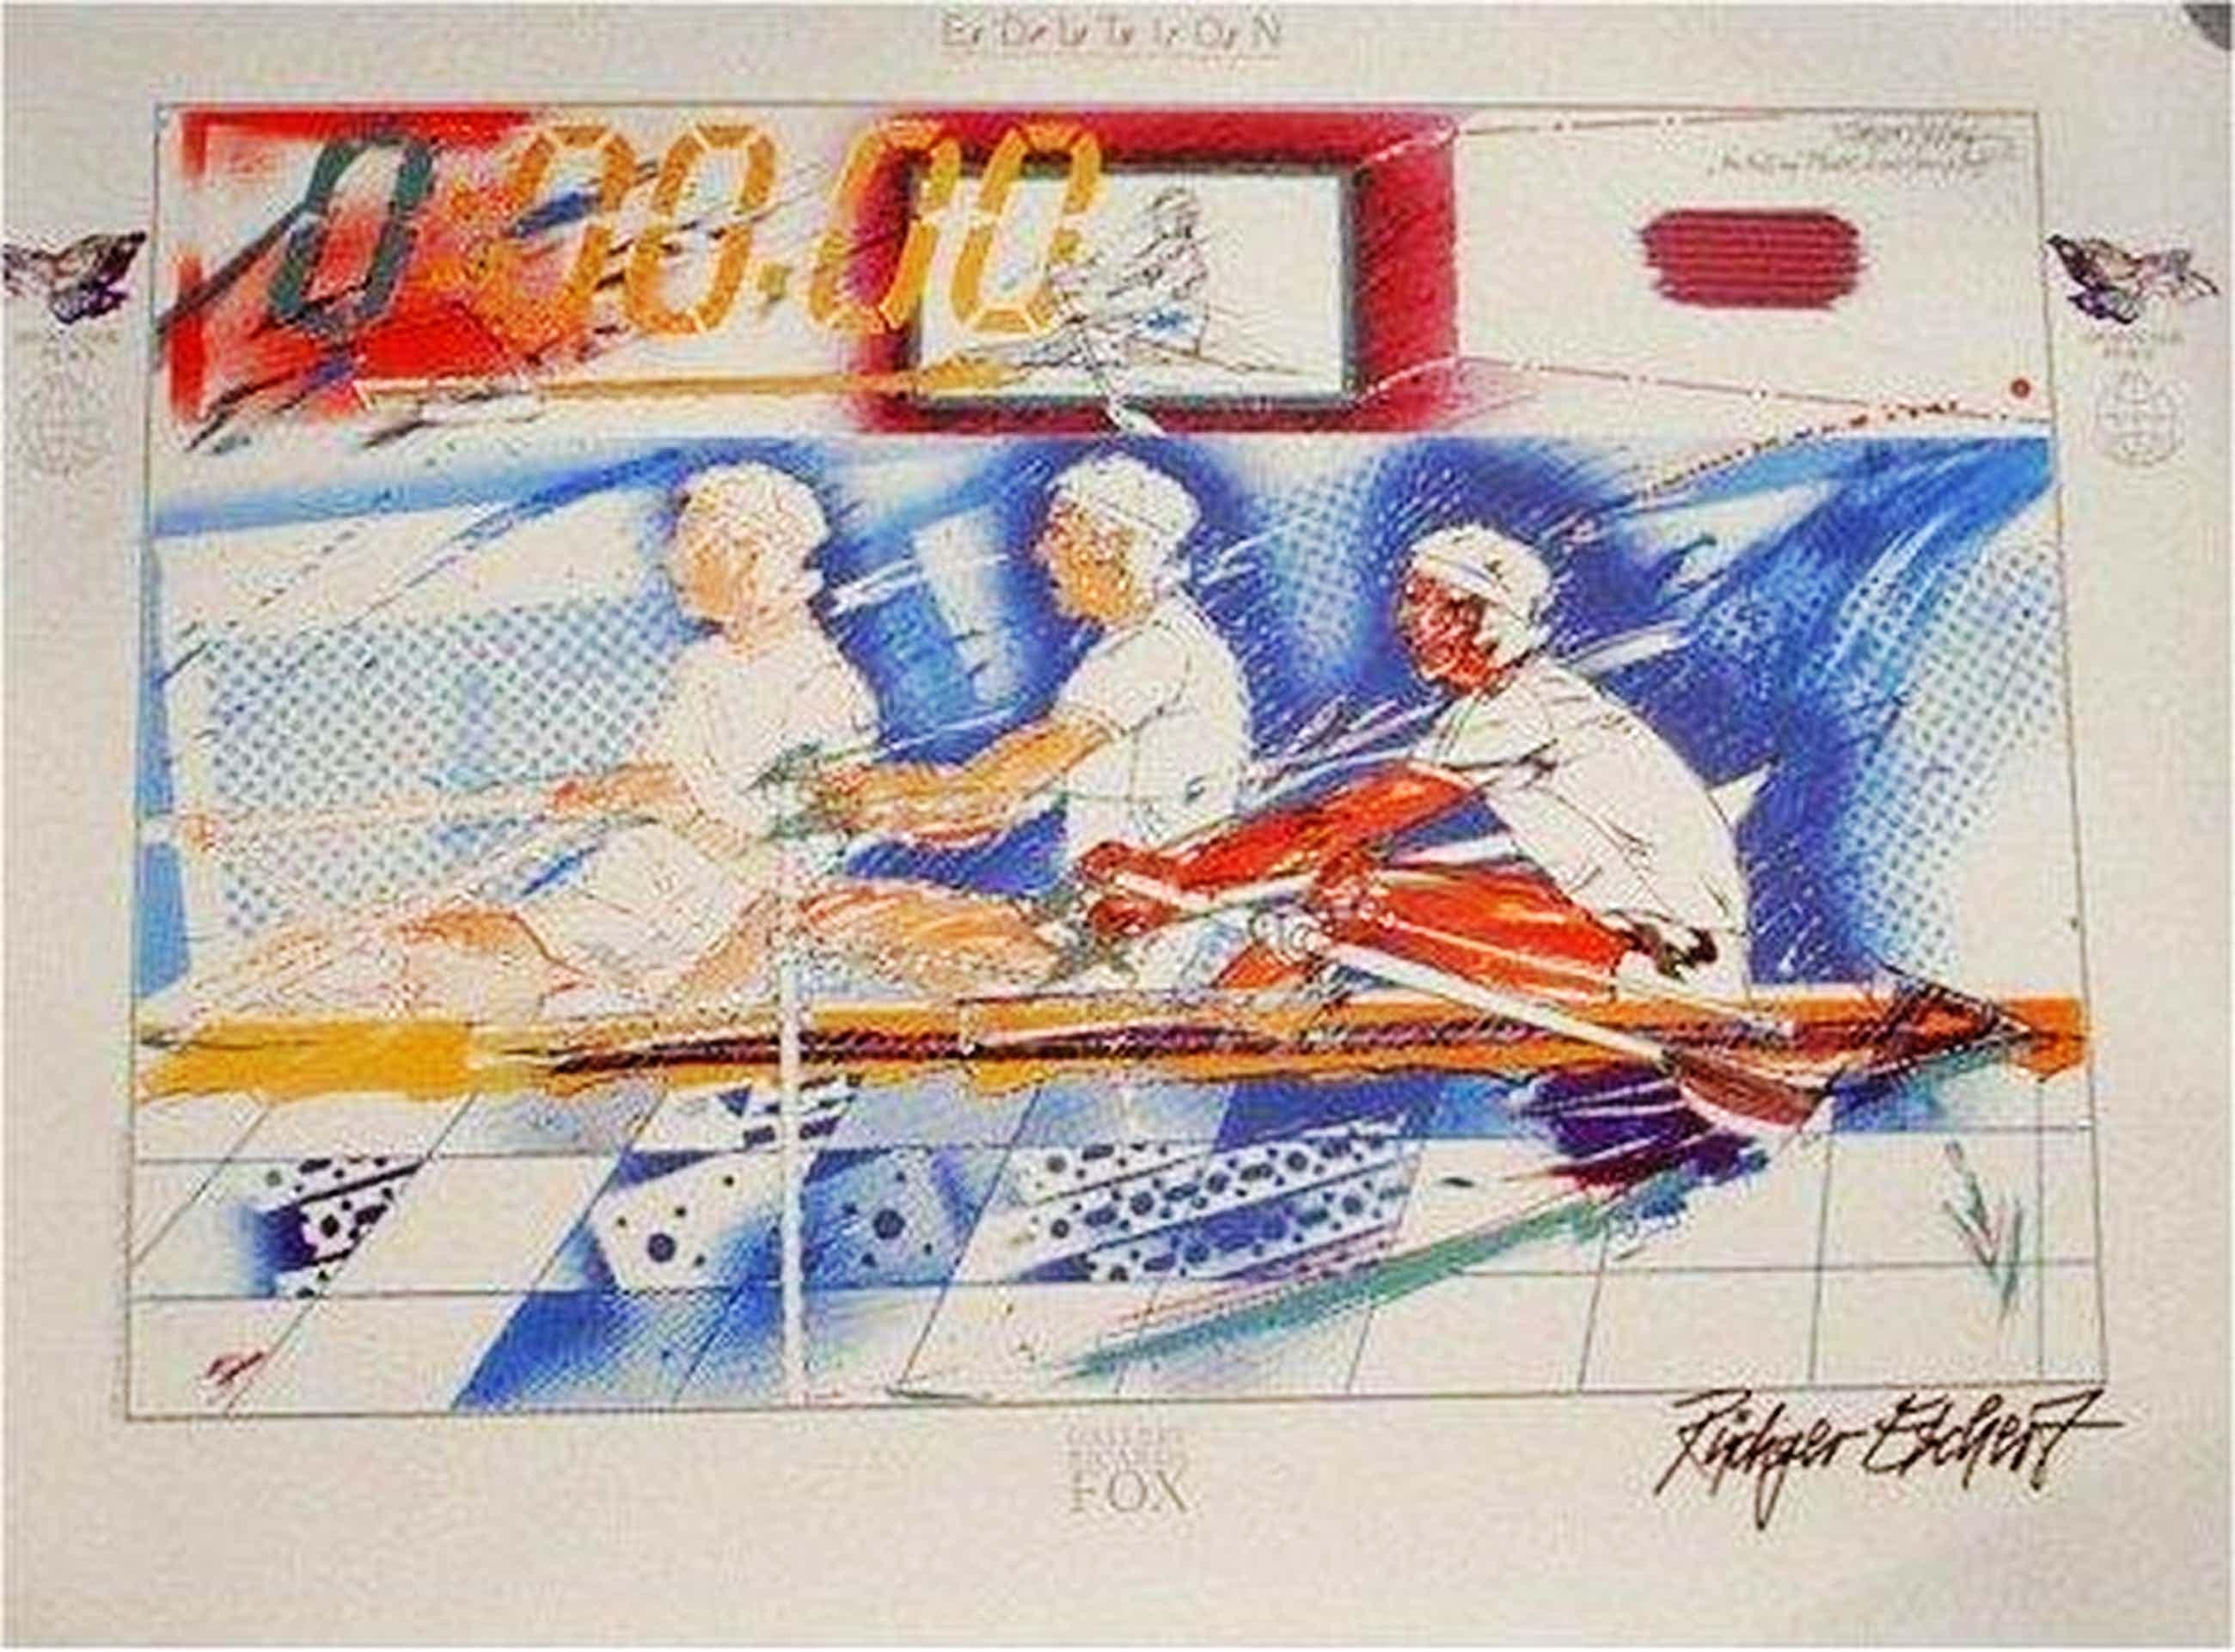 Rüdiger Eschert - Sonderedition Sport for peace, 1997 ,handsigniert kopen? Bied vanaf 90!